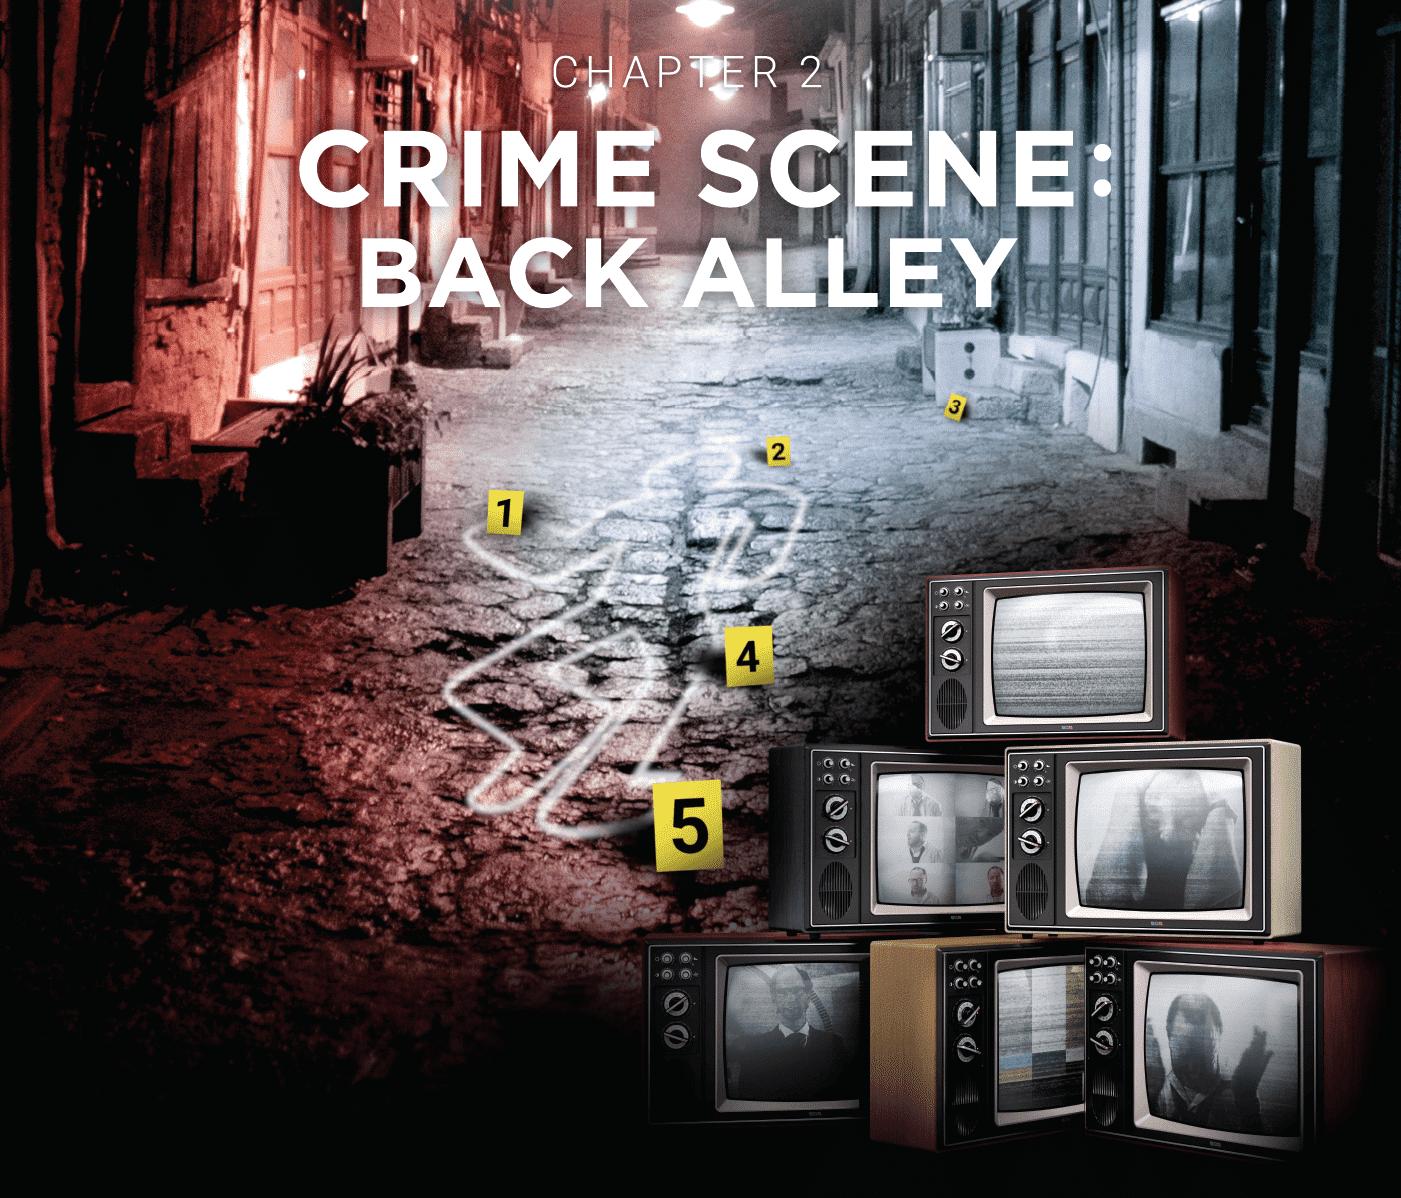 Escape Room Vienna Crime Runners movie poster Crime Scene